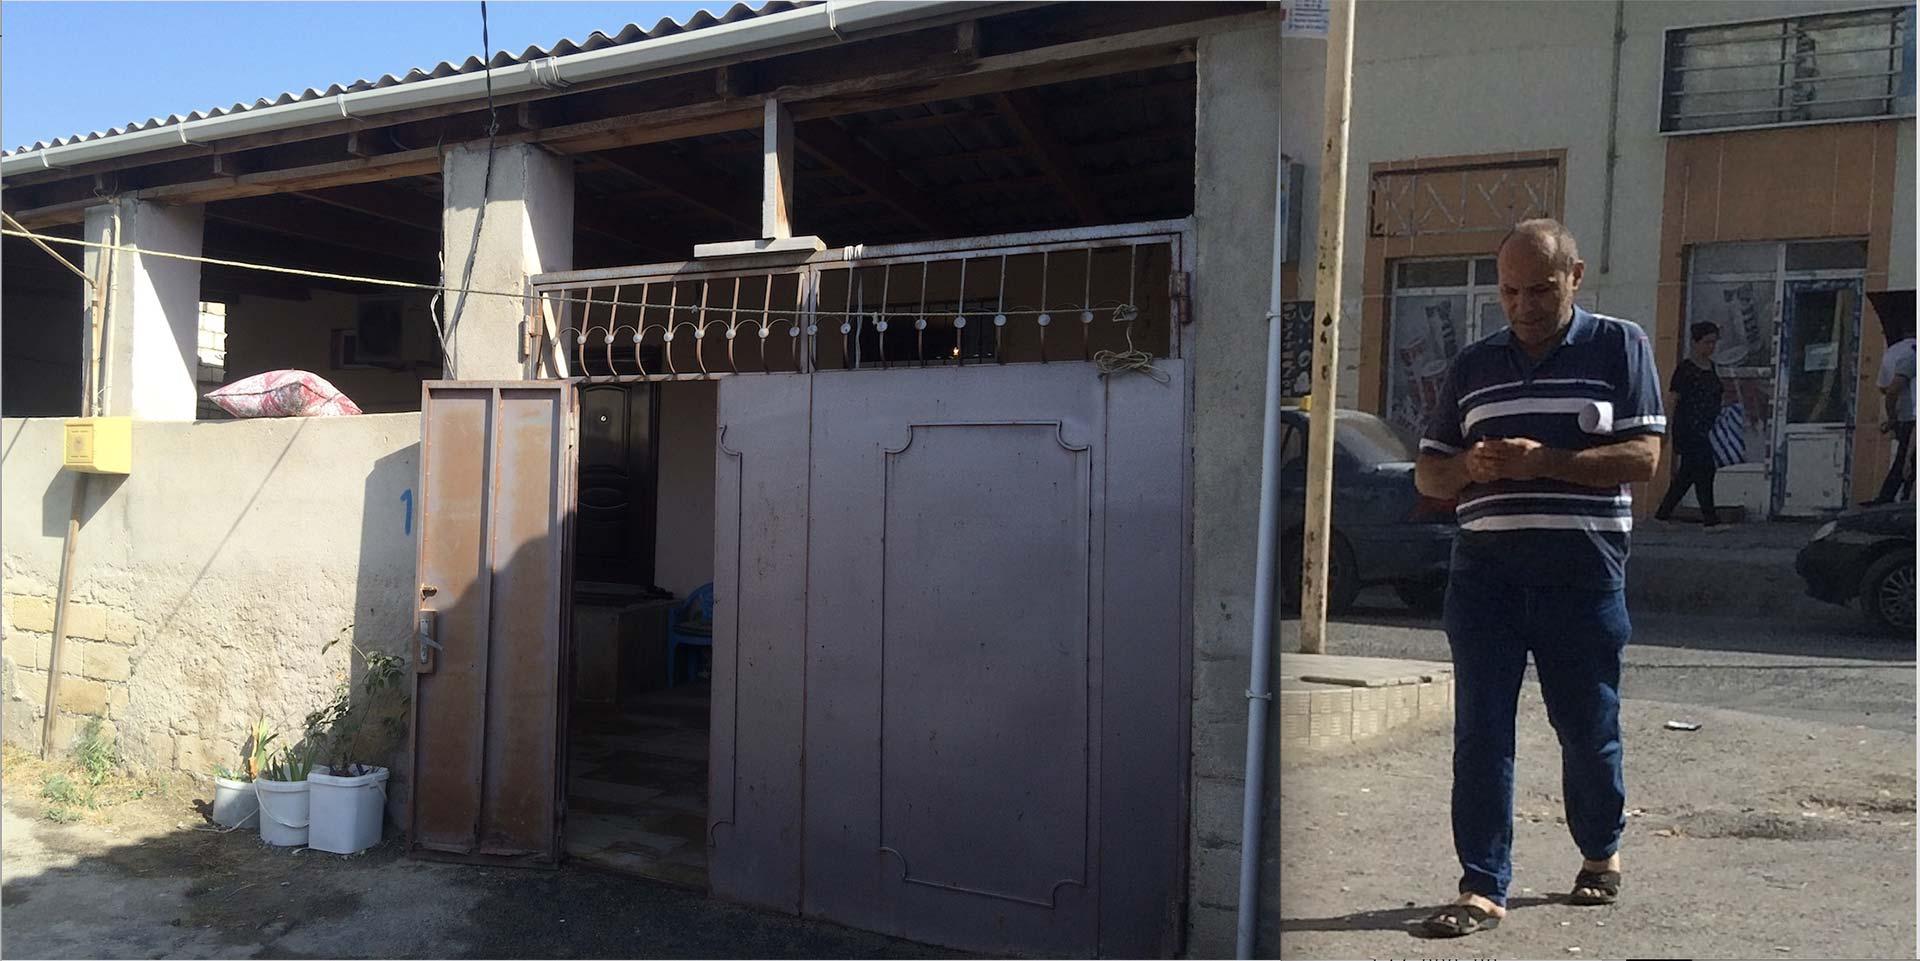 azerbaijanilaundromat/MAHARRAM_AHMADOV_AND_HOME.jpg